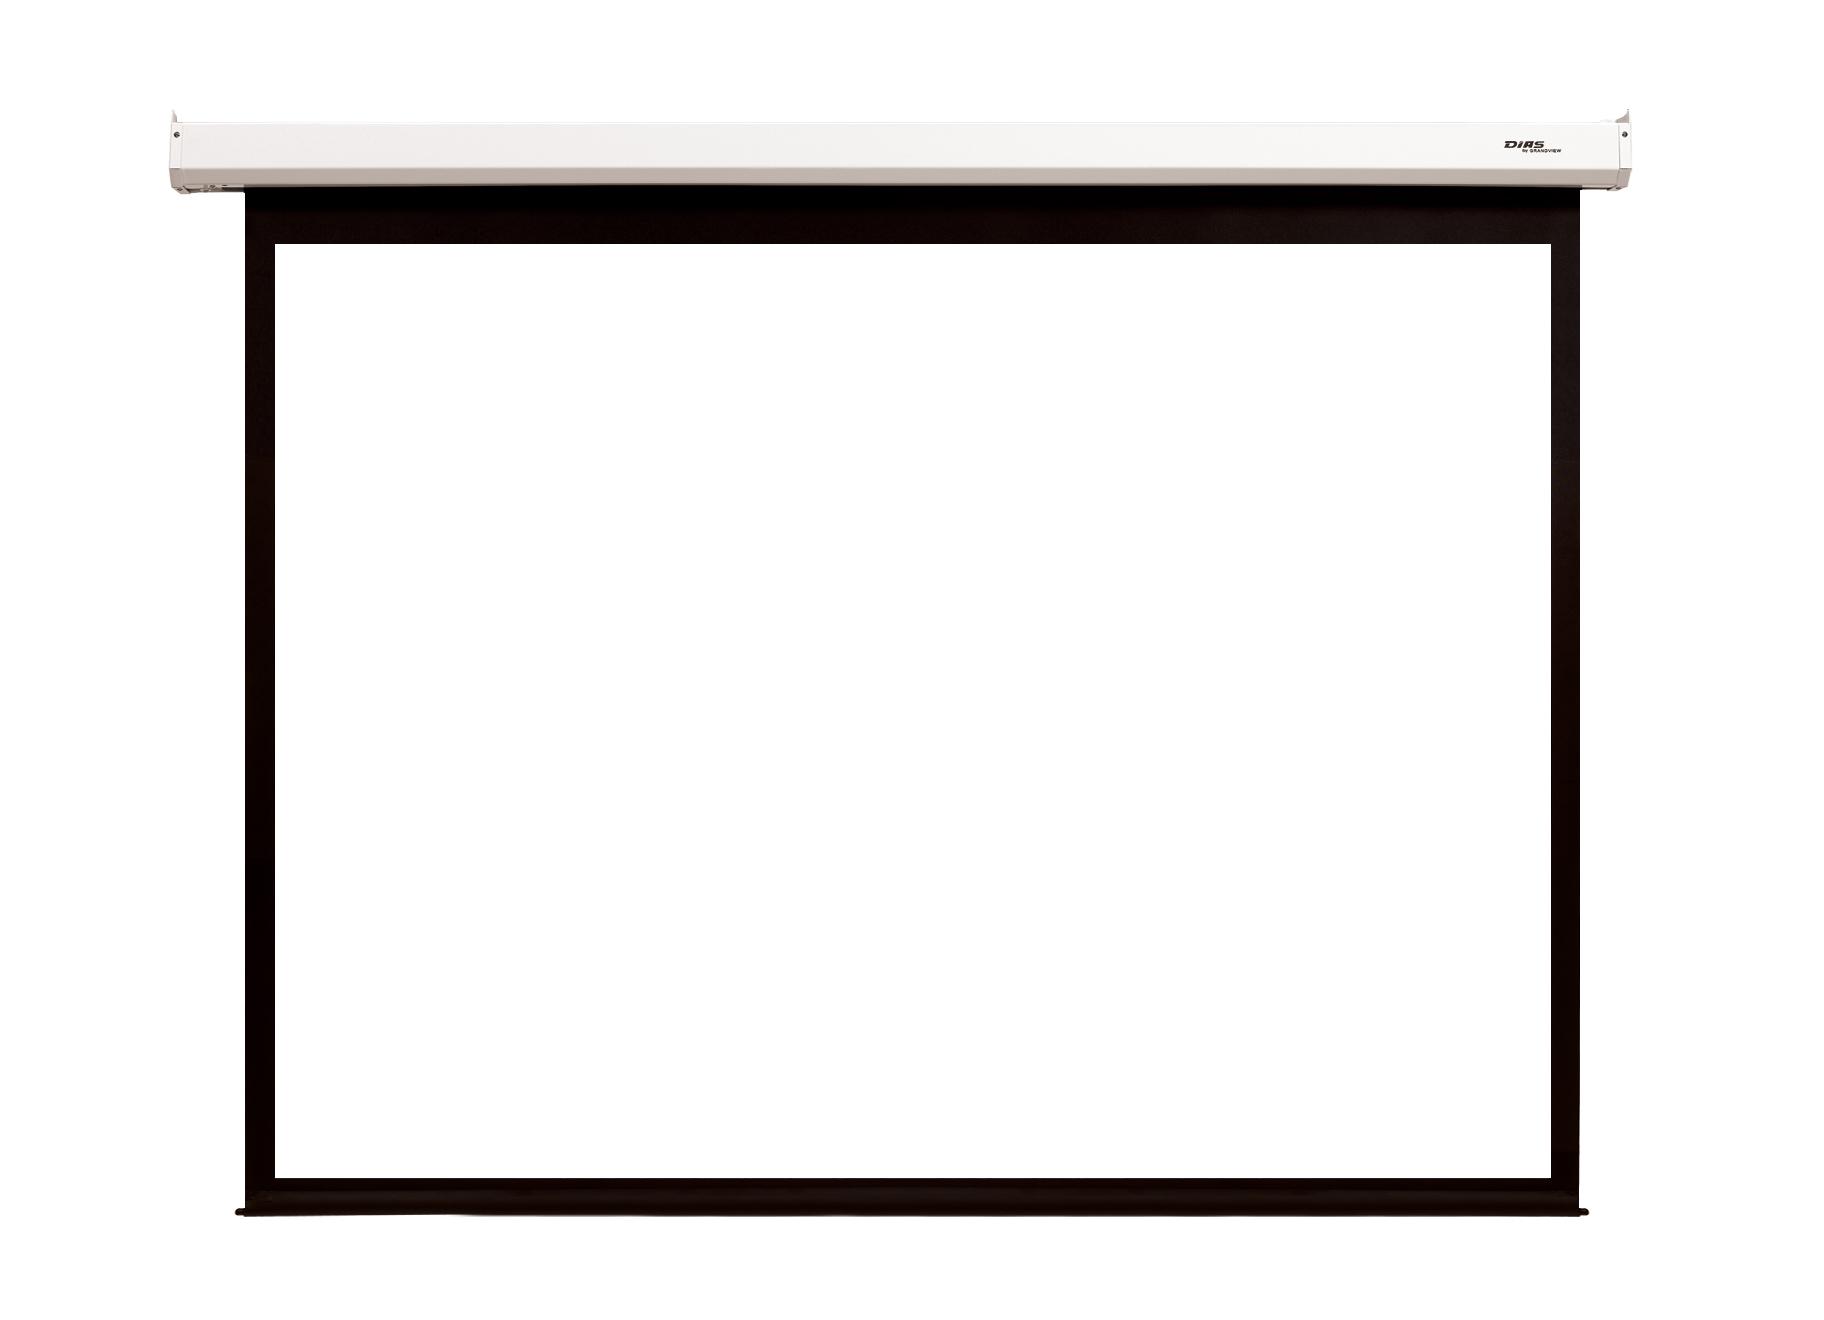 帝雅斯系列智能/线控电动银幕